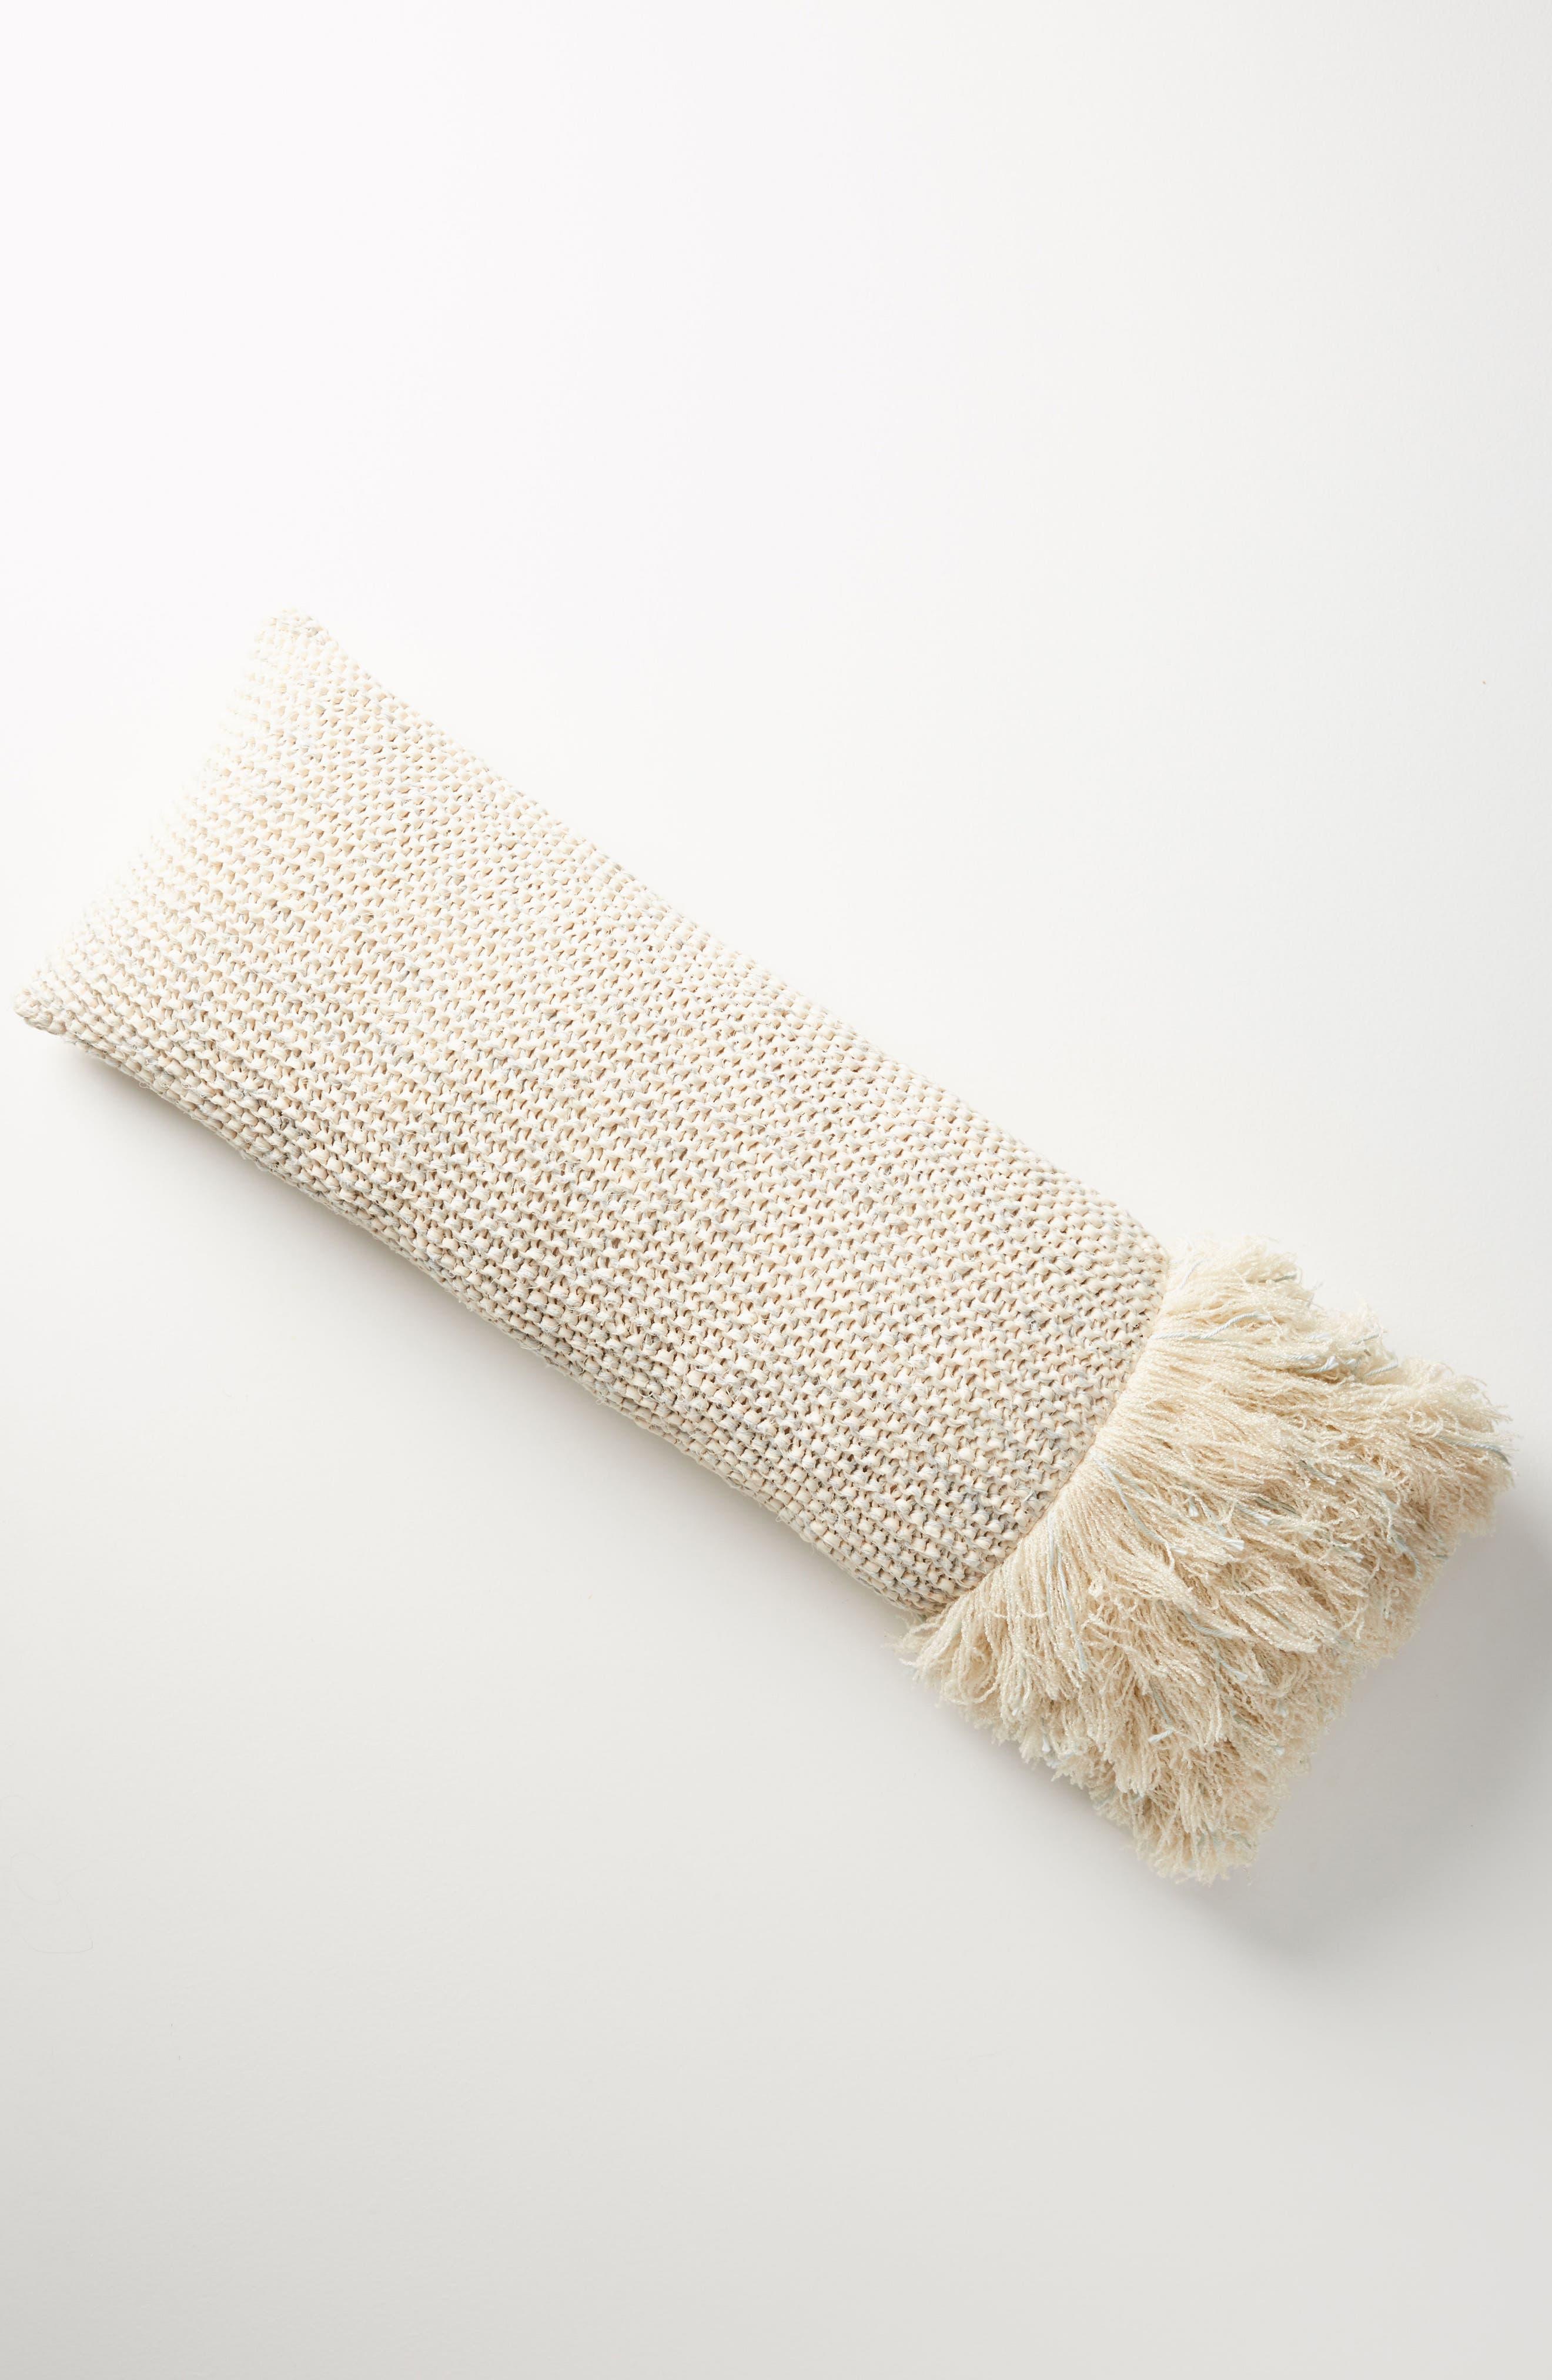 Fringed Waffleknit Pillow,                             Main thumbnail 1, color,                             422